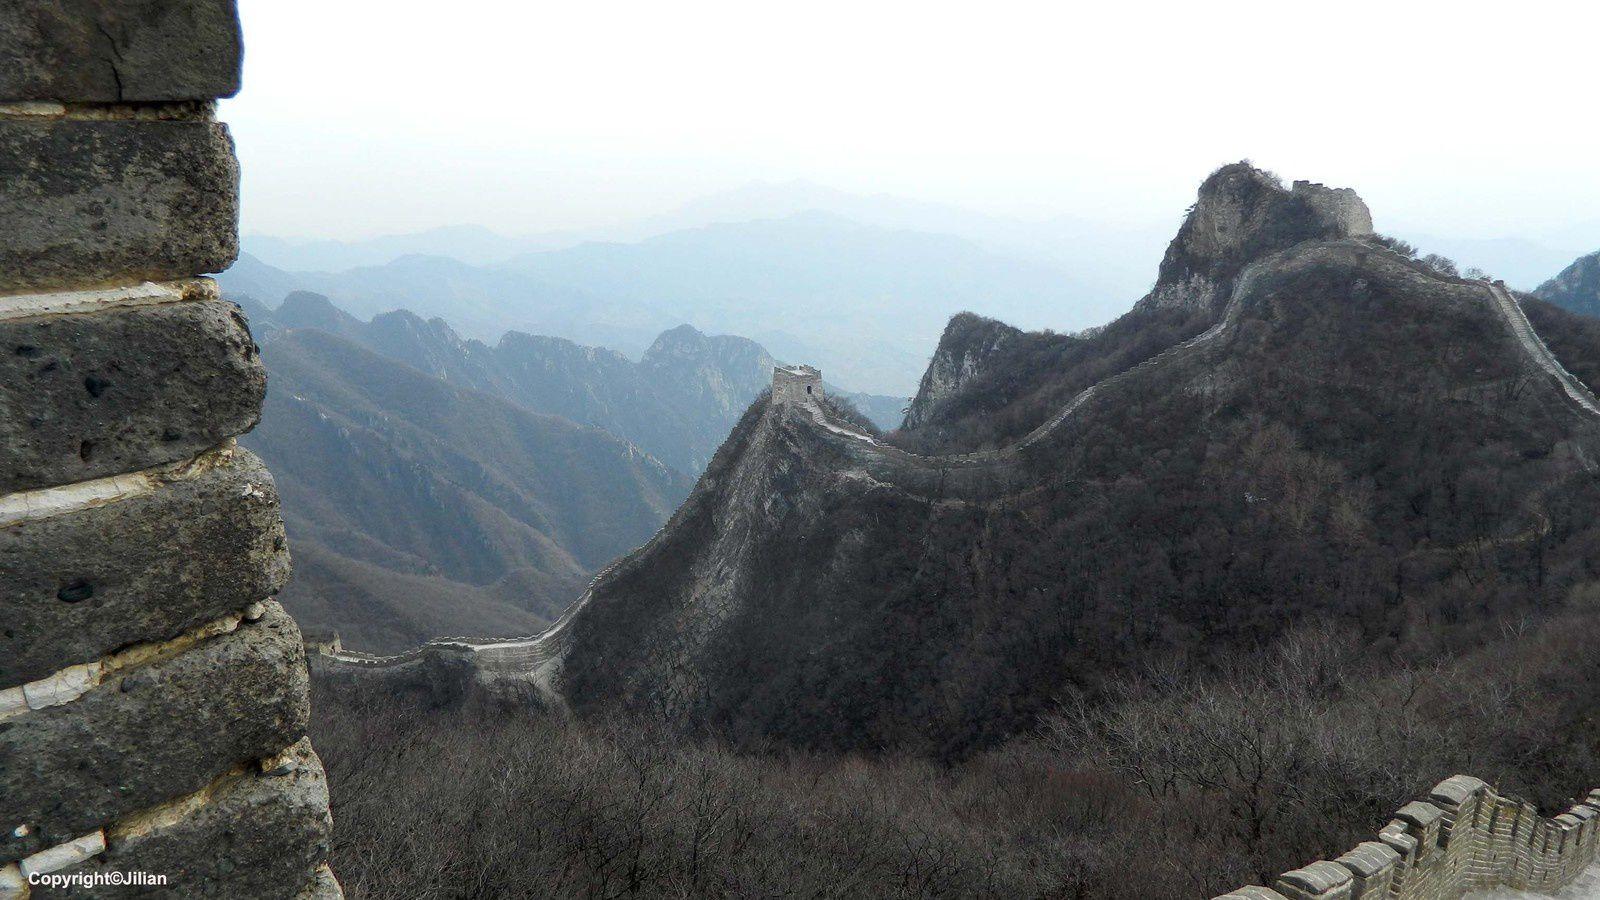 La Grande Muraille à Jiankou - 箭扣长城